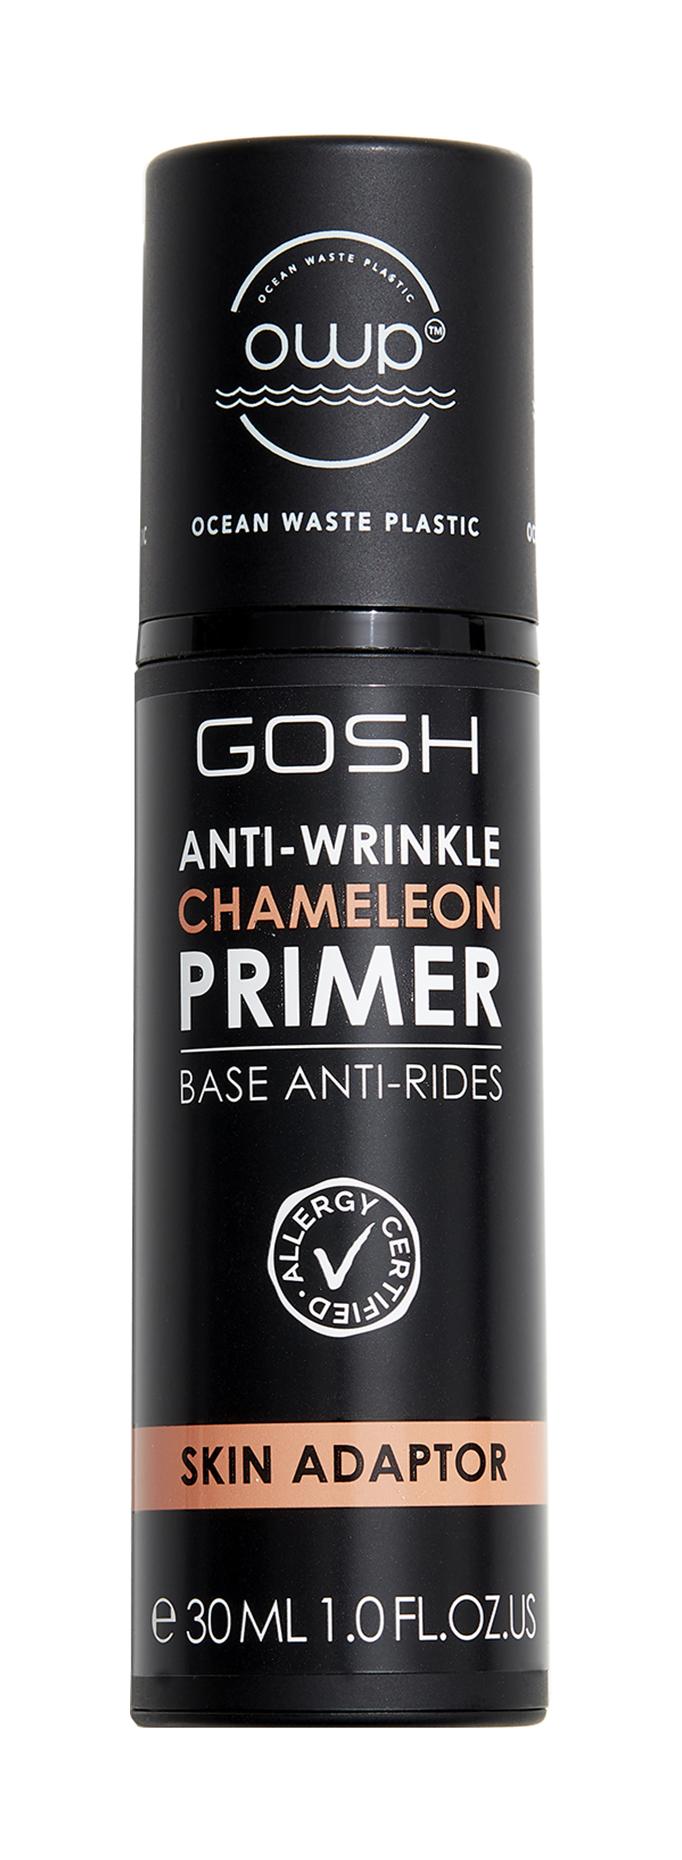 Gosh Chameleon Primer Anti Wrinkle